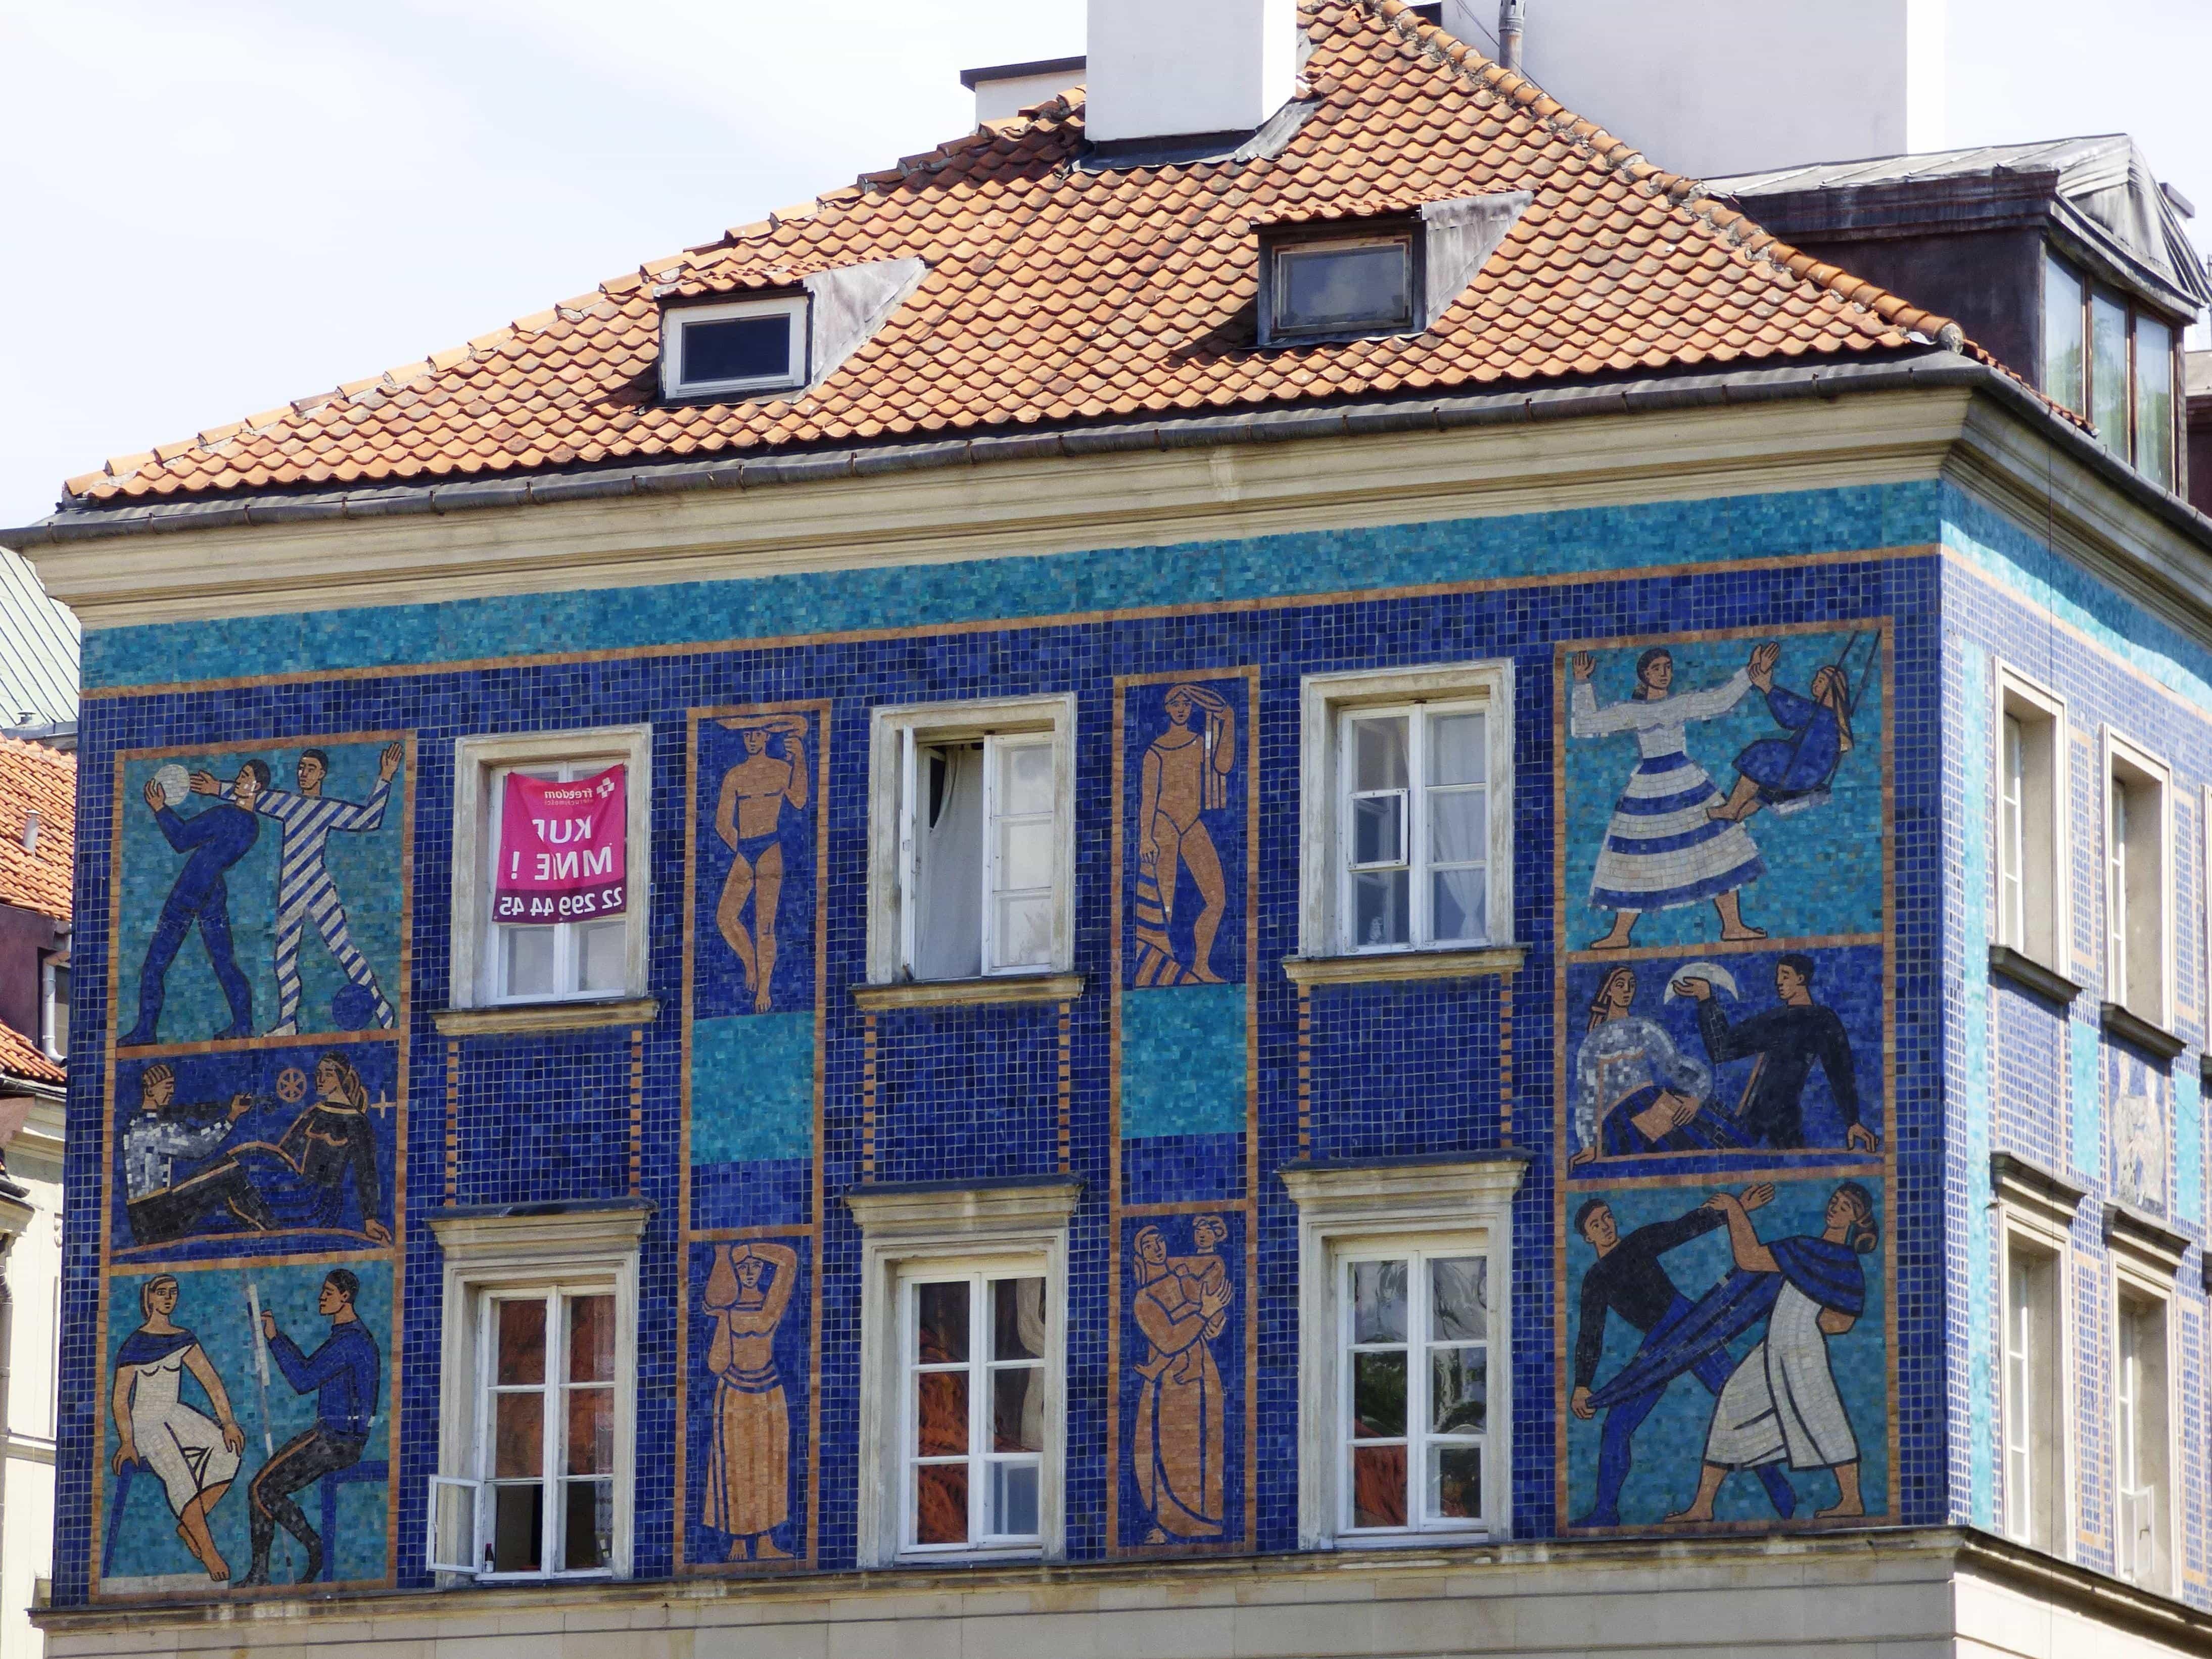 Architektur, Urban, Mosaik, Kunst, Haus, Dach, Fassade, Fenster,